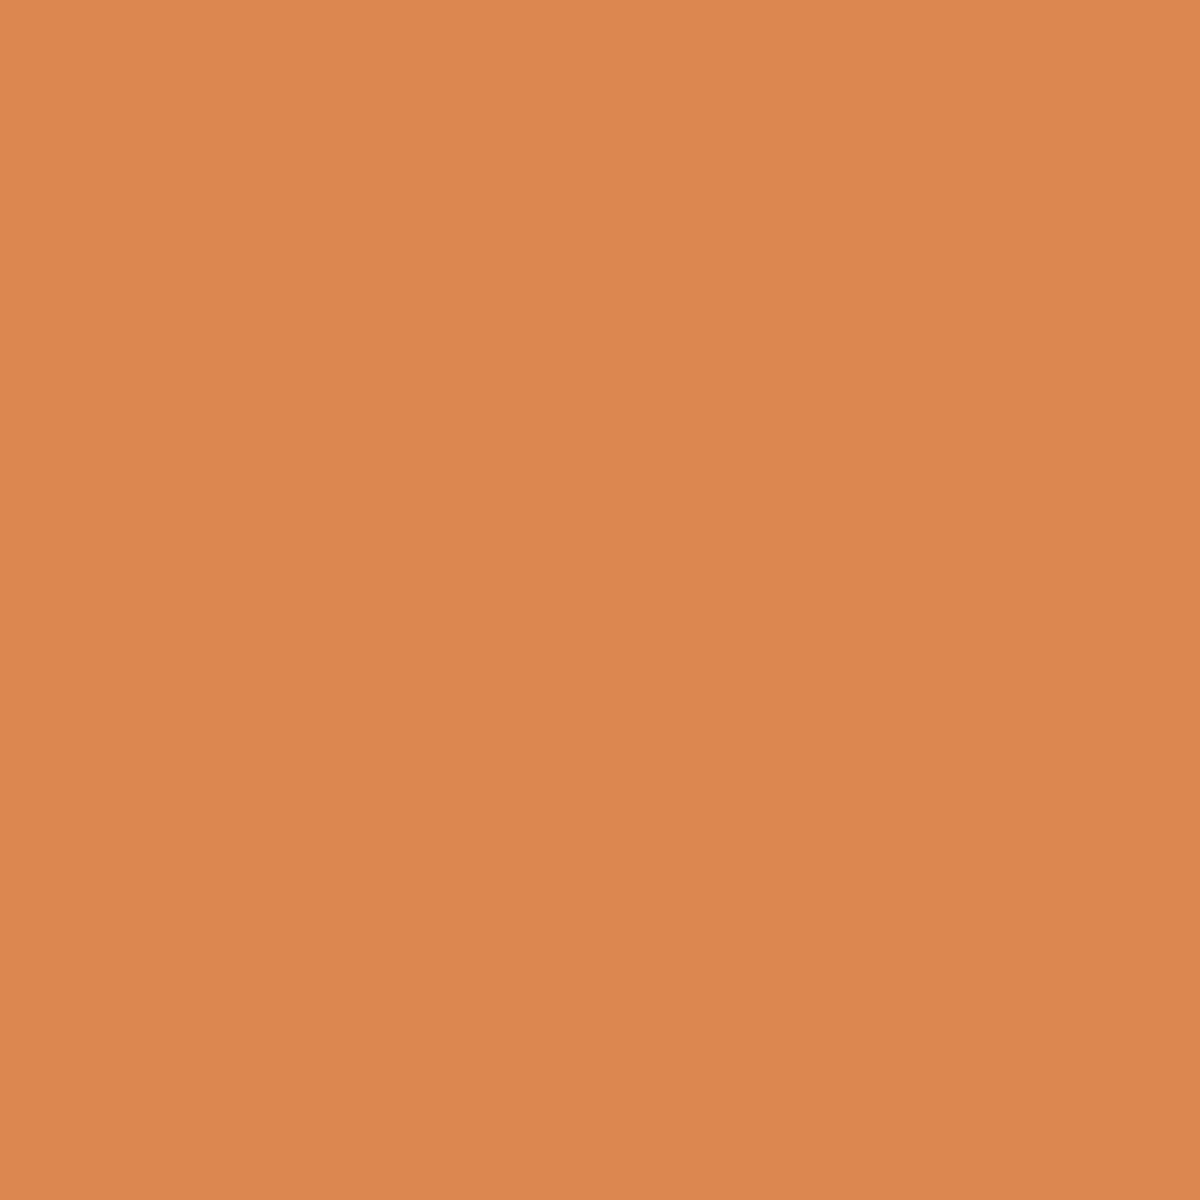 Riley Blake, Confetti Solid Pumpkin